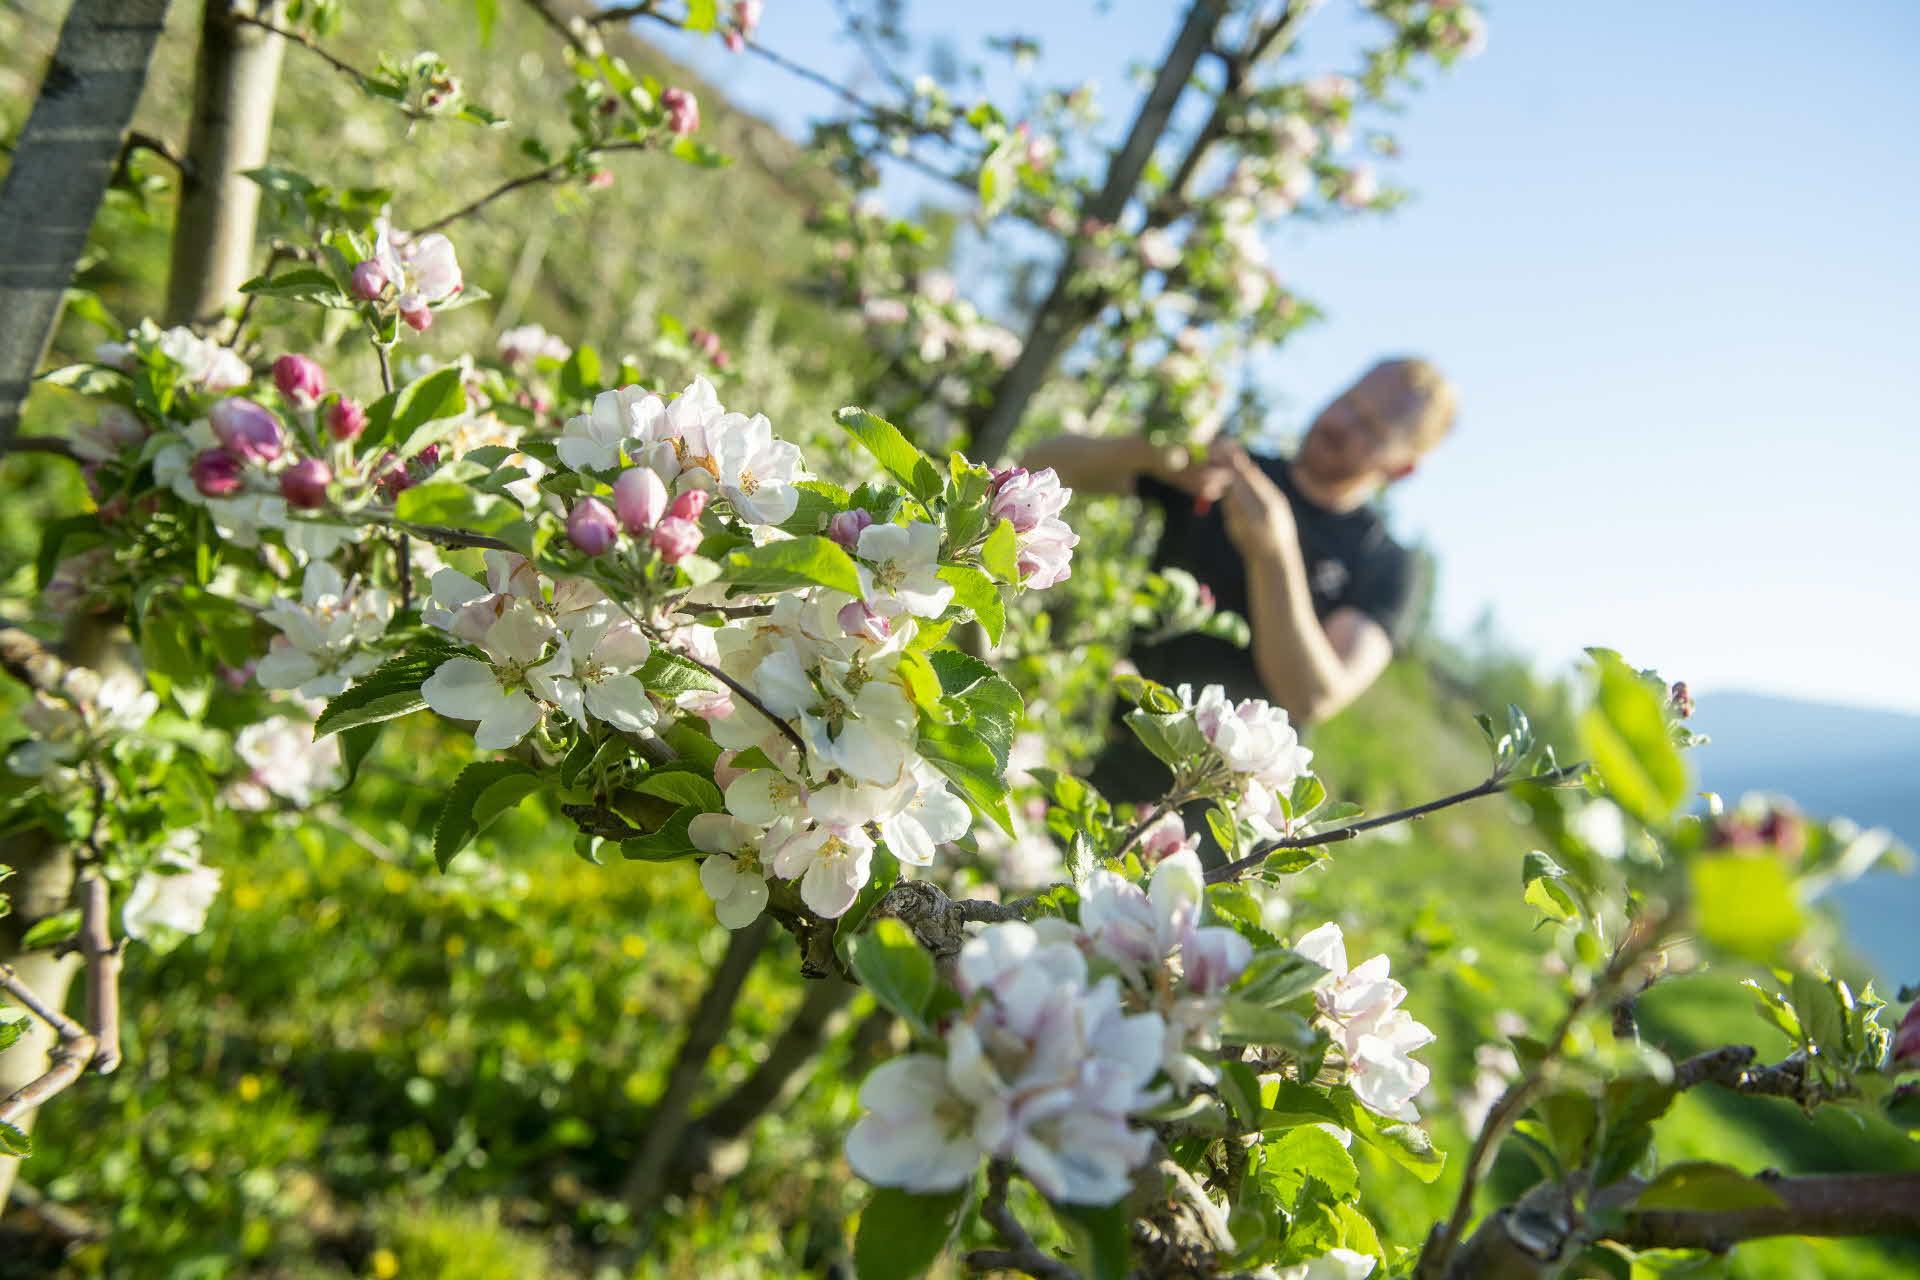 Un agricultor de manzanas podando manzanos en Hardangerfjord al fondo